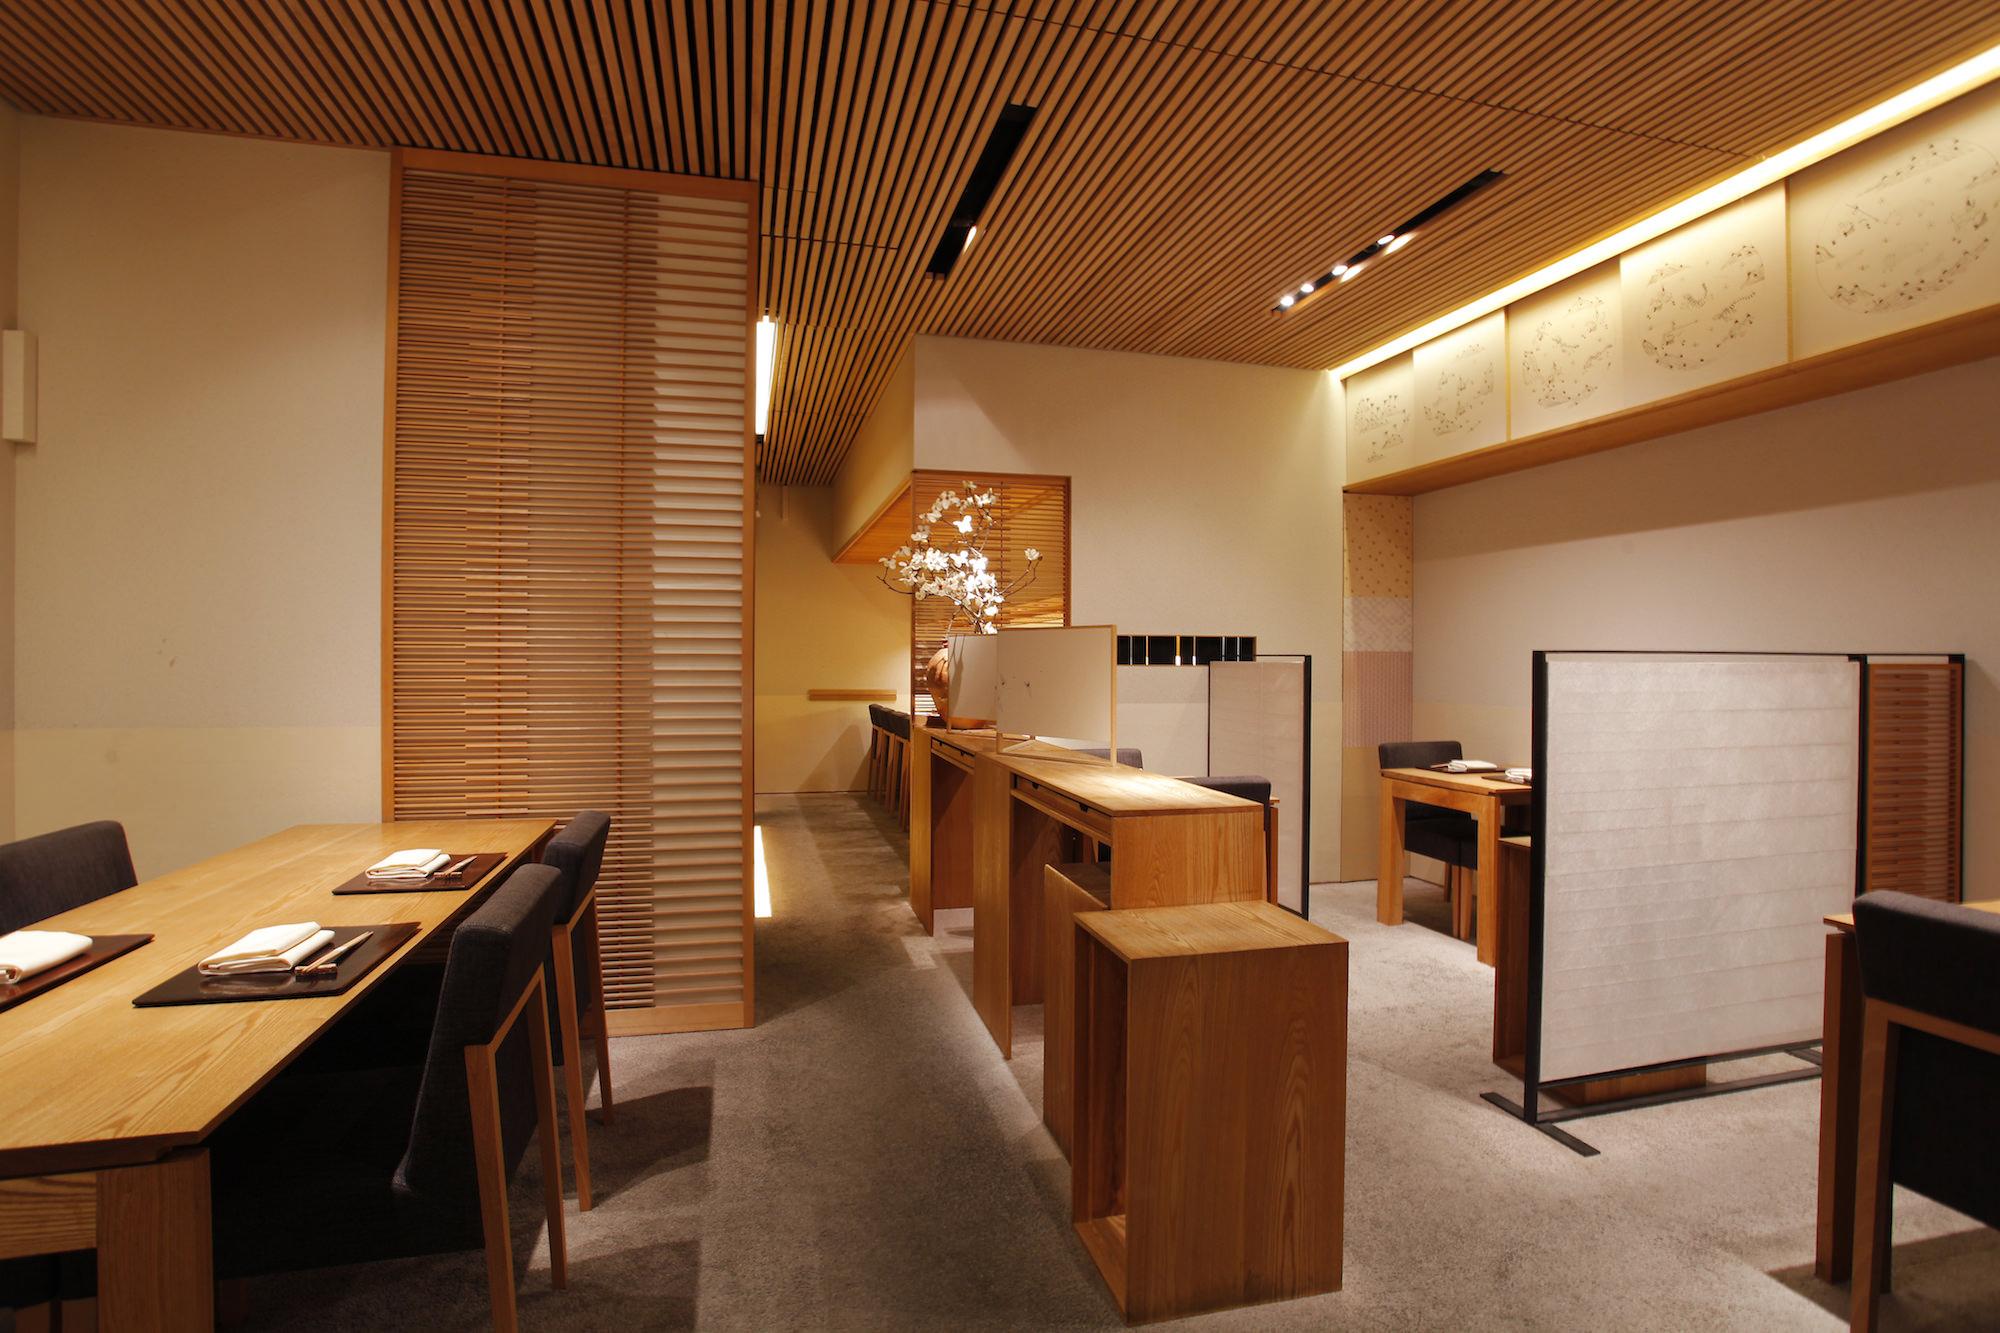 Kohaku interior